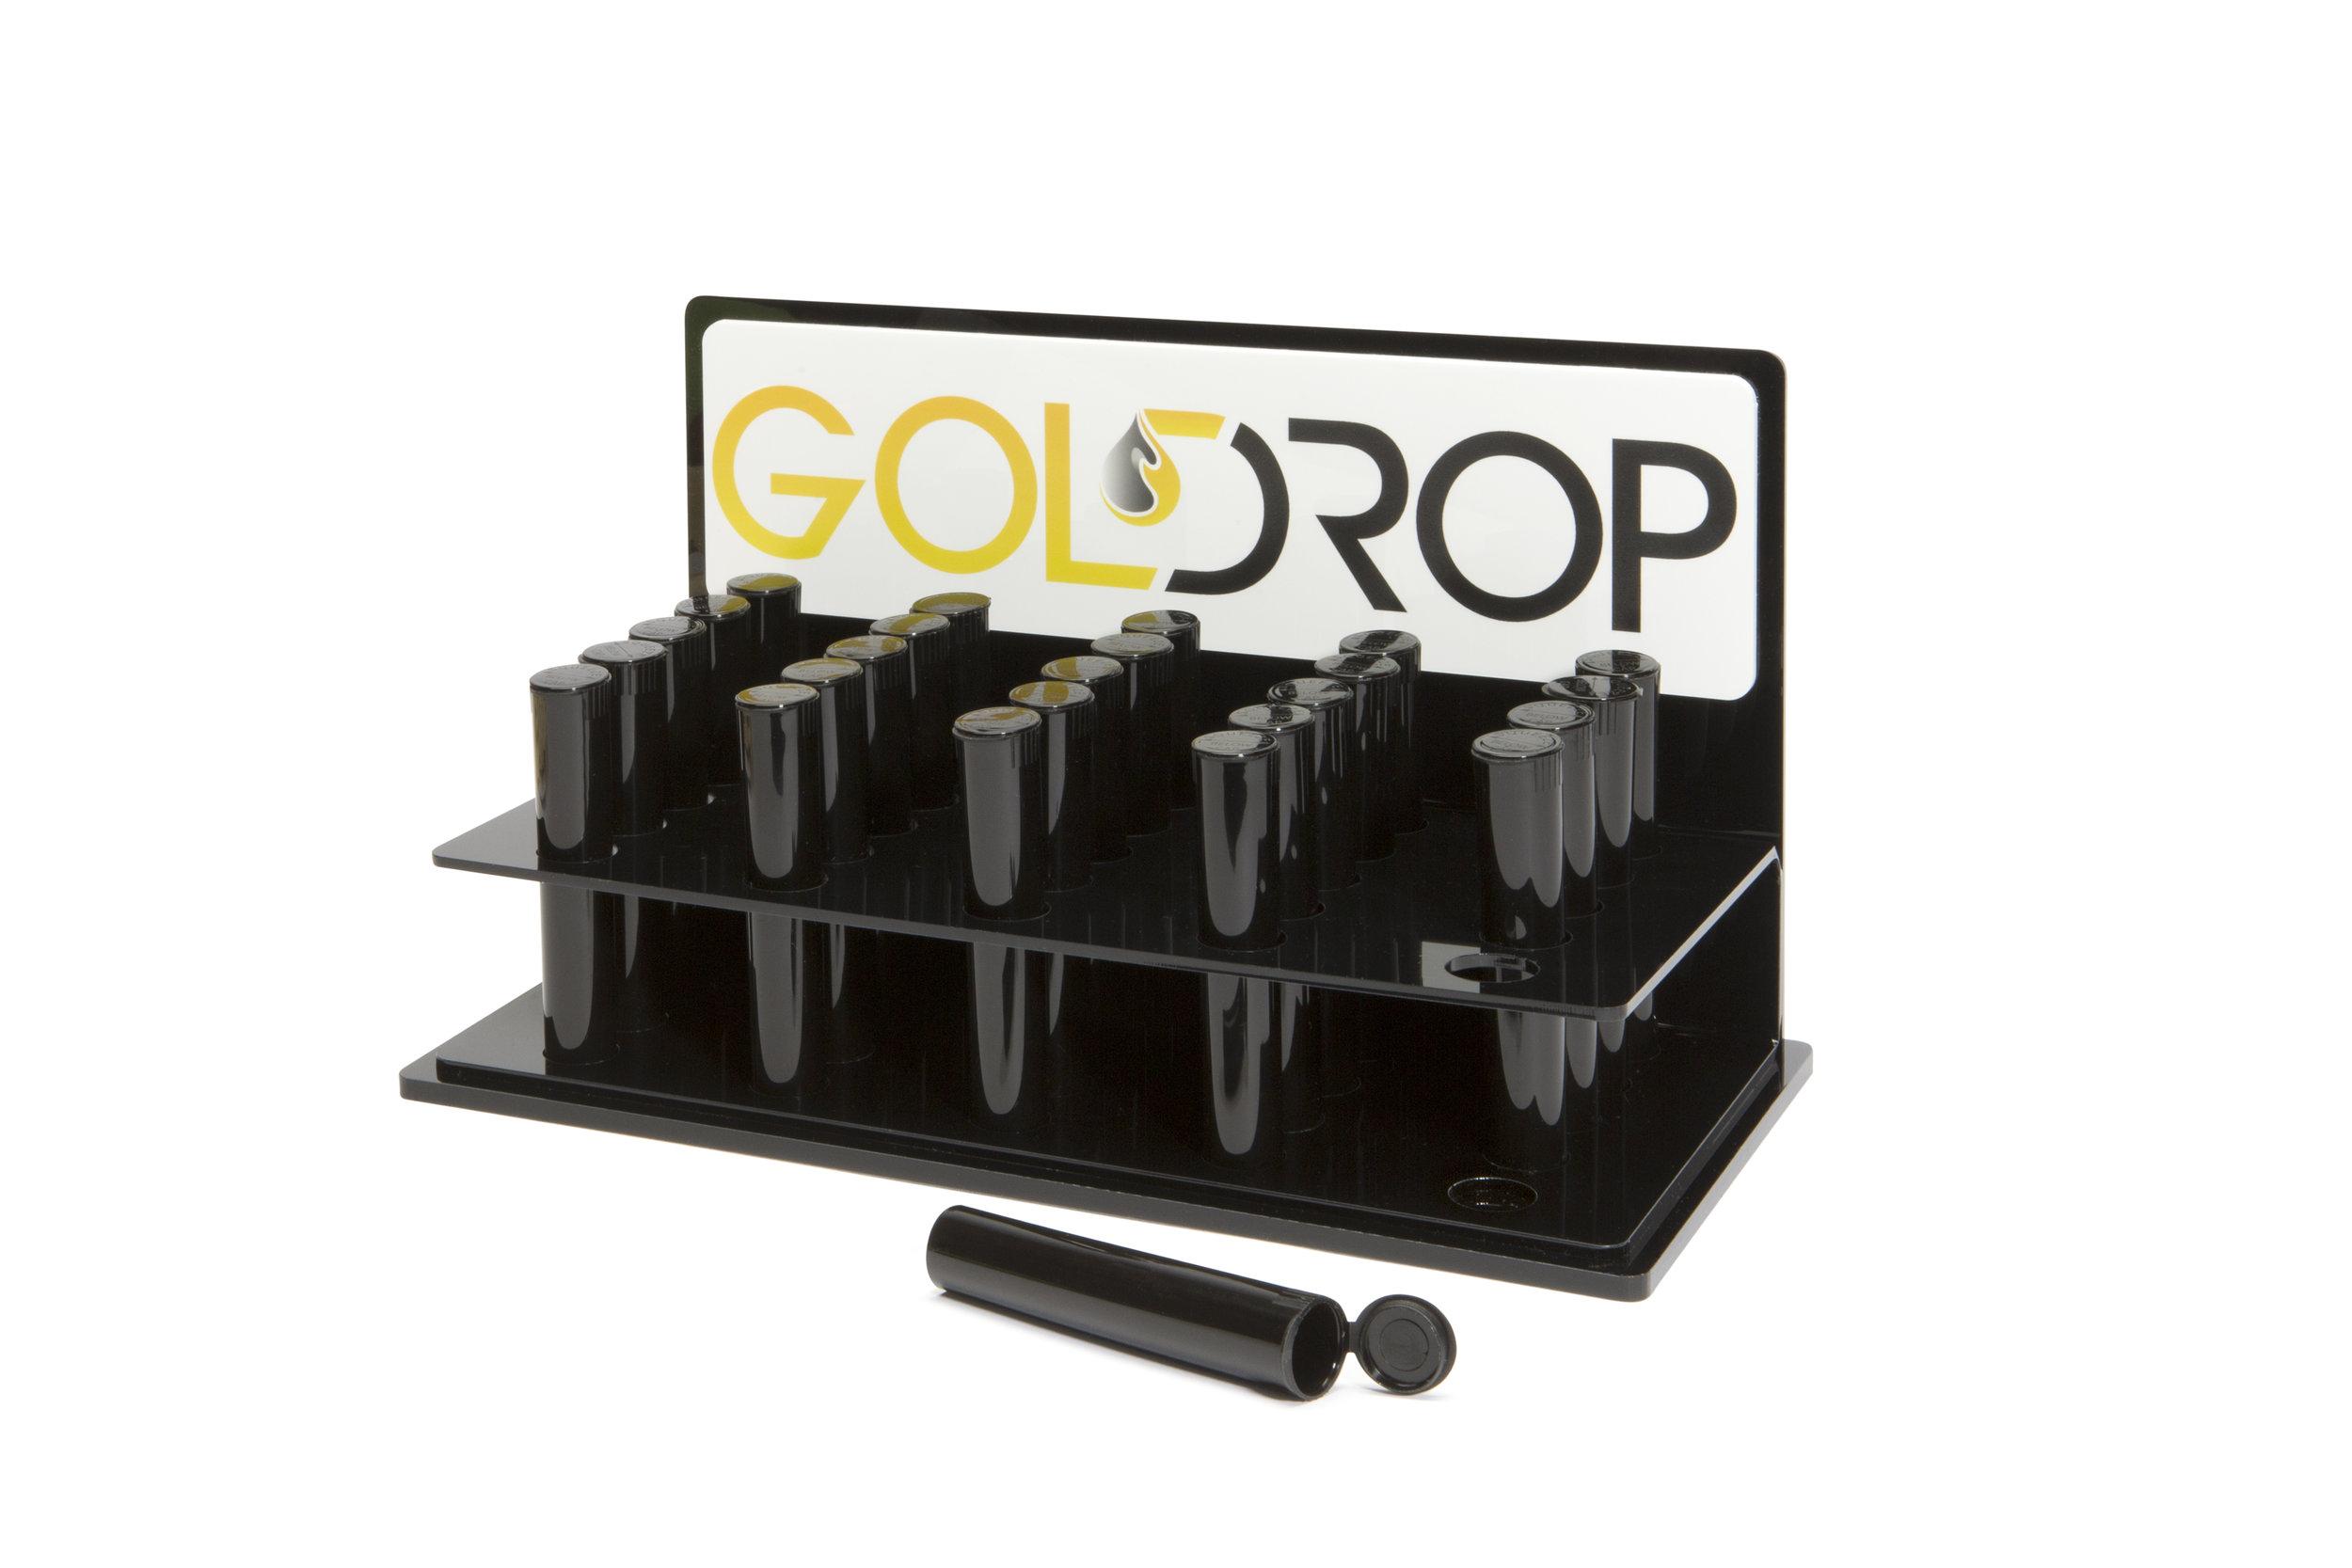 Client: Gold Drop Co.